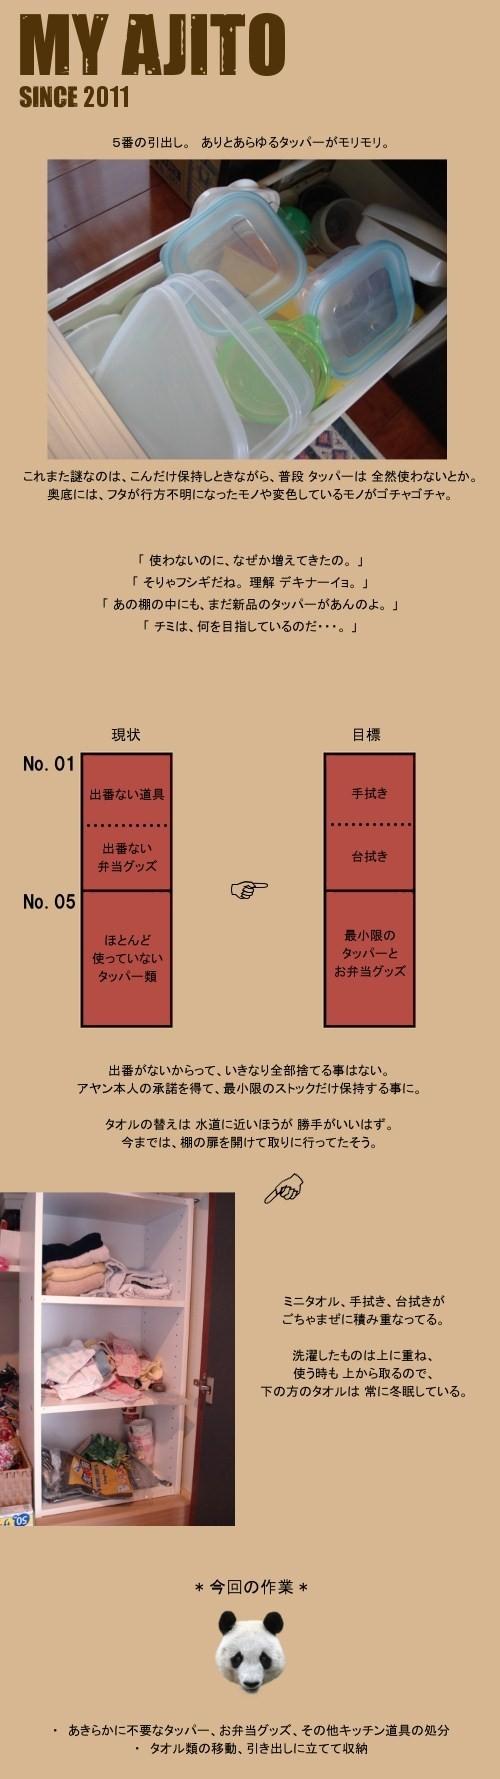 ayan_k1_5.jpg